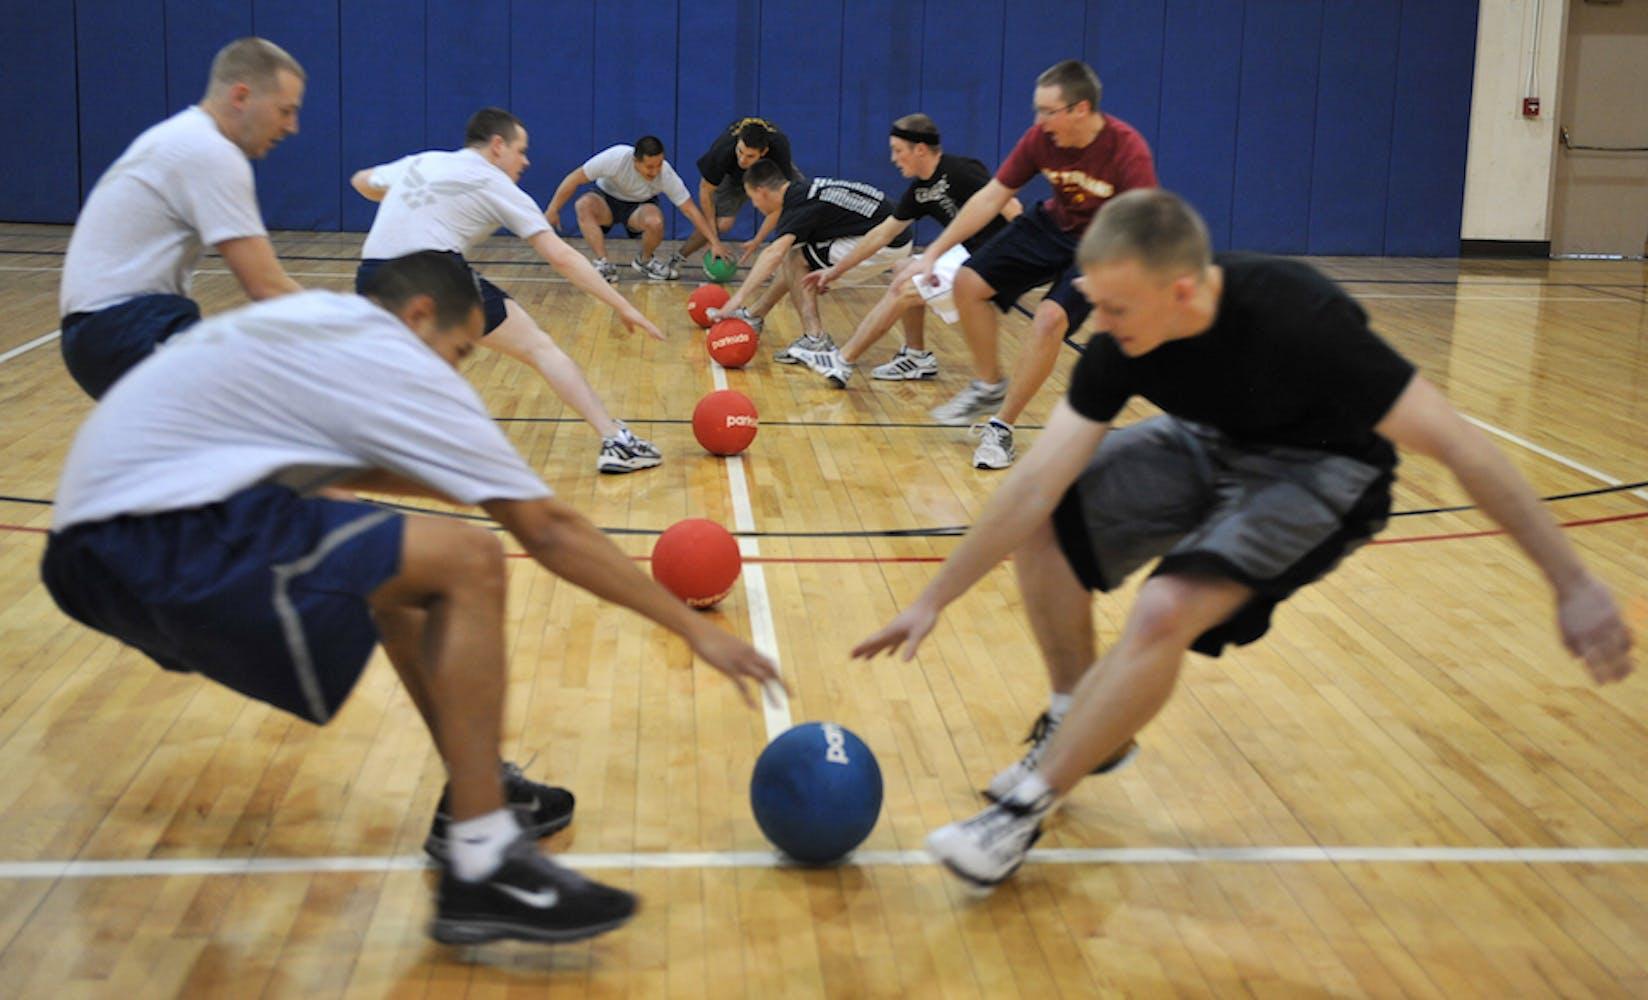 run  dodgeball tournament fundraiser flipgive